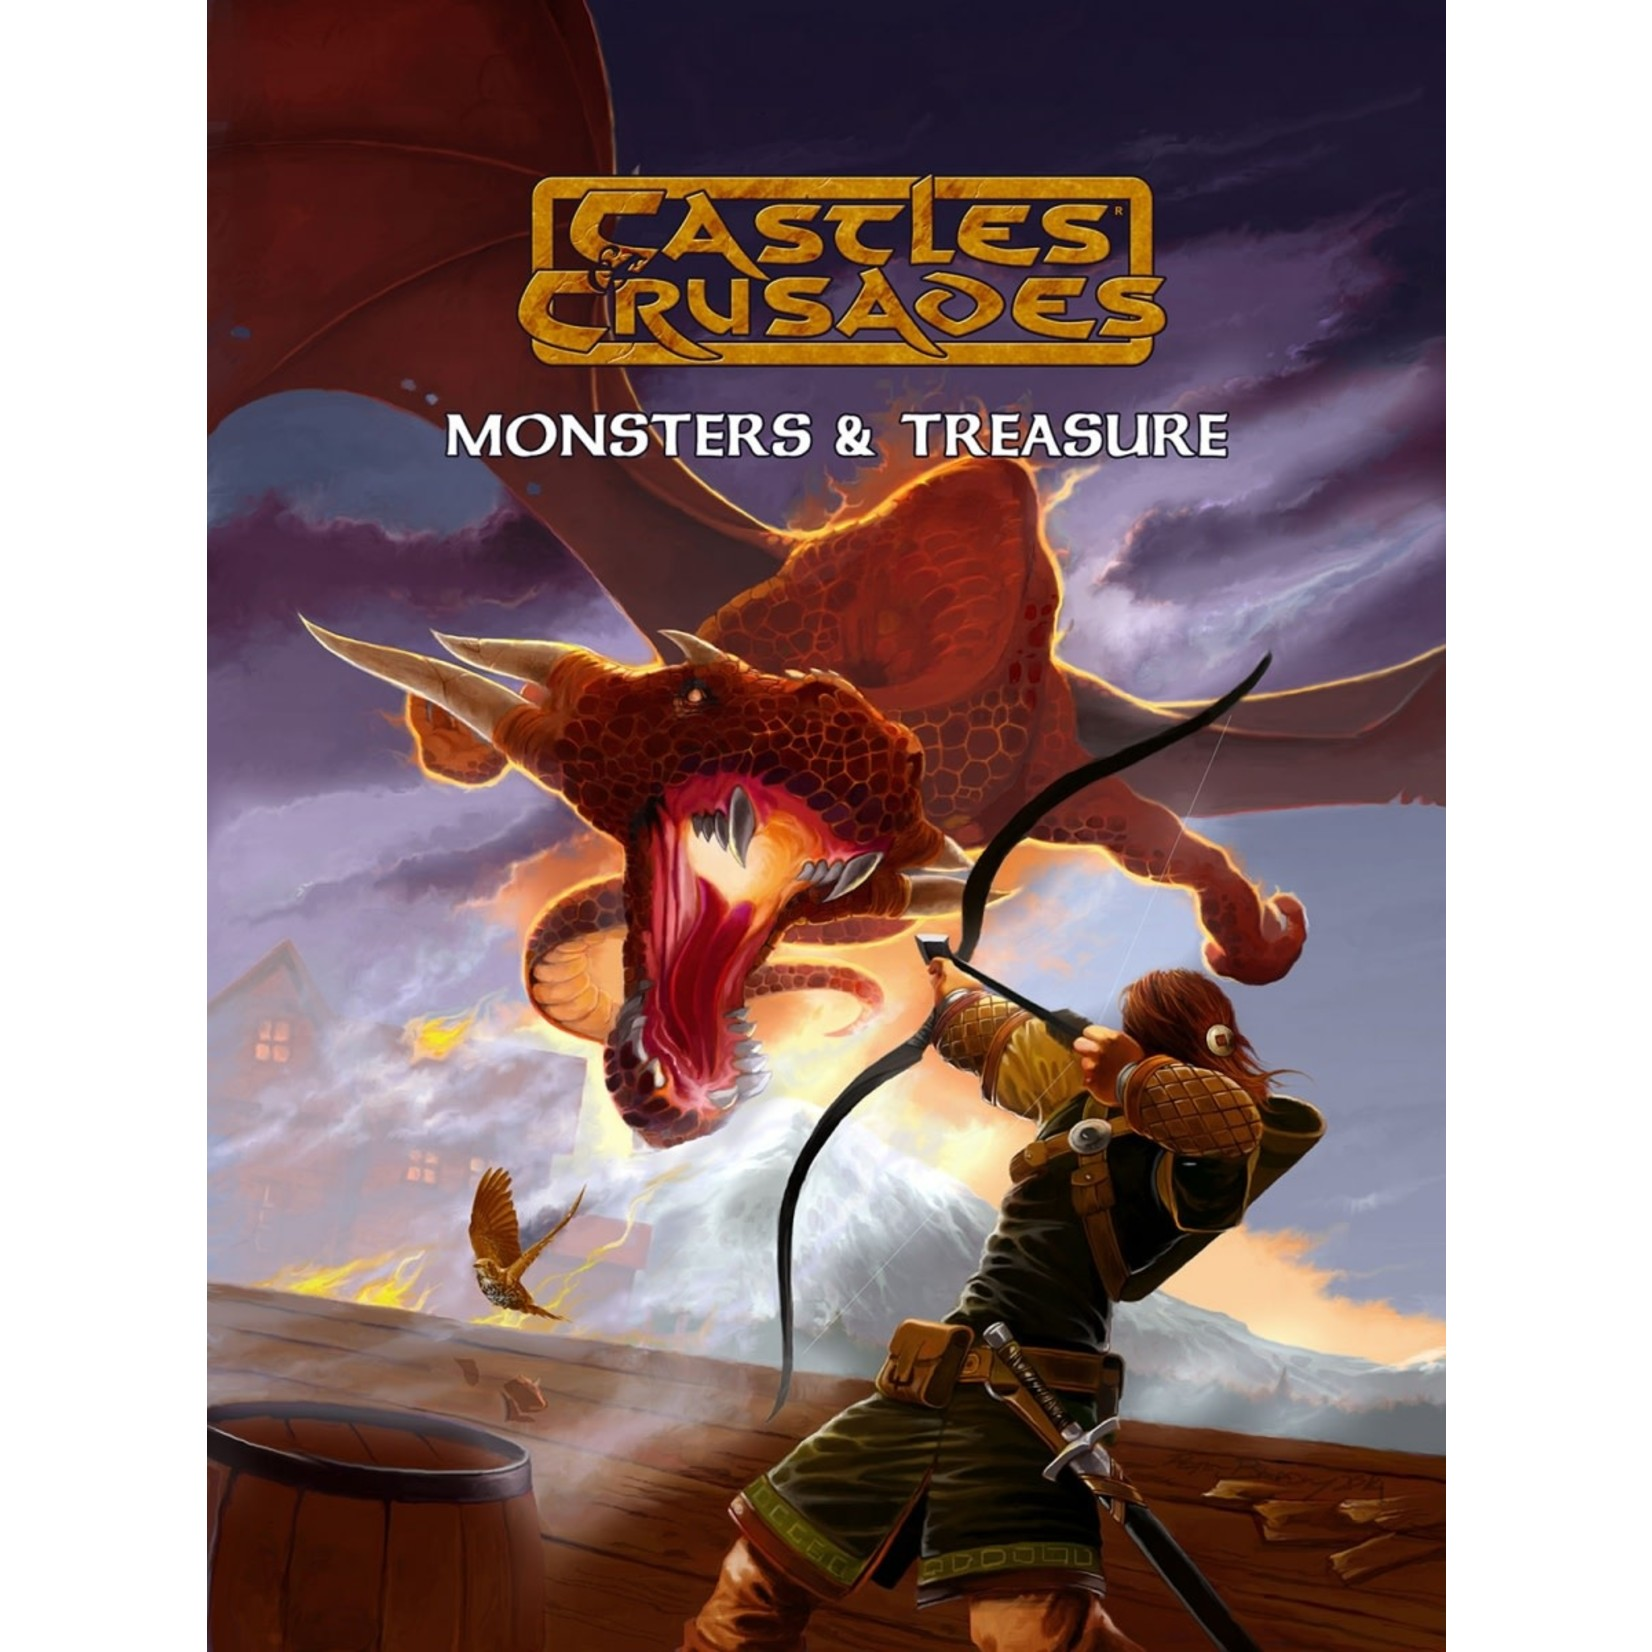 C&C RPG Monsters & Treasures